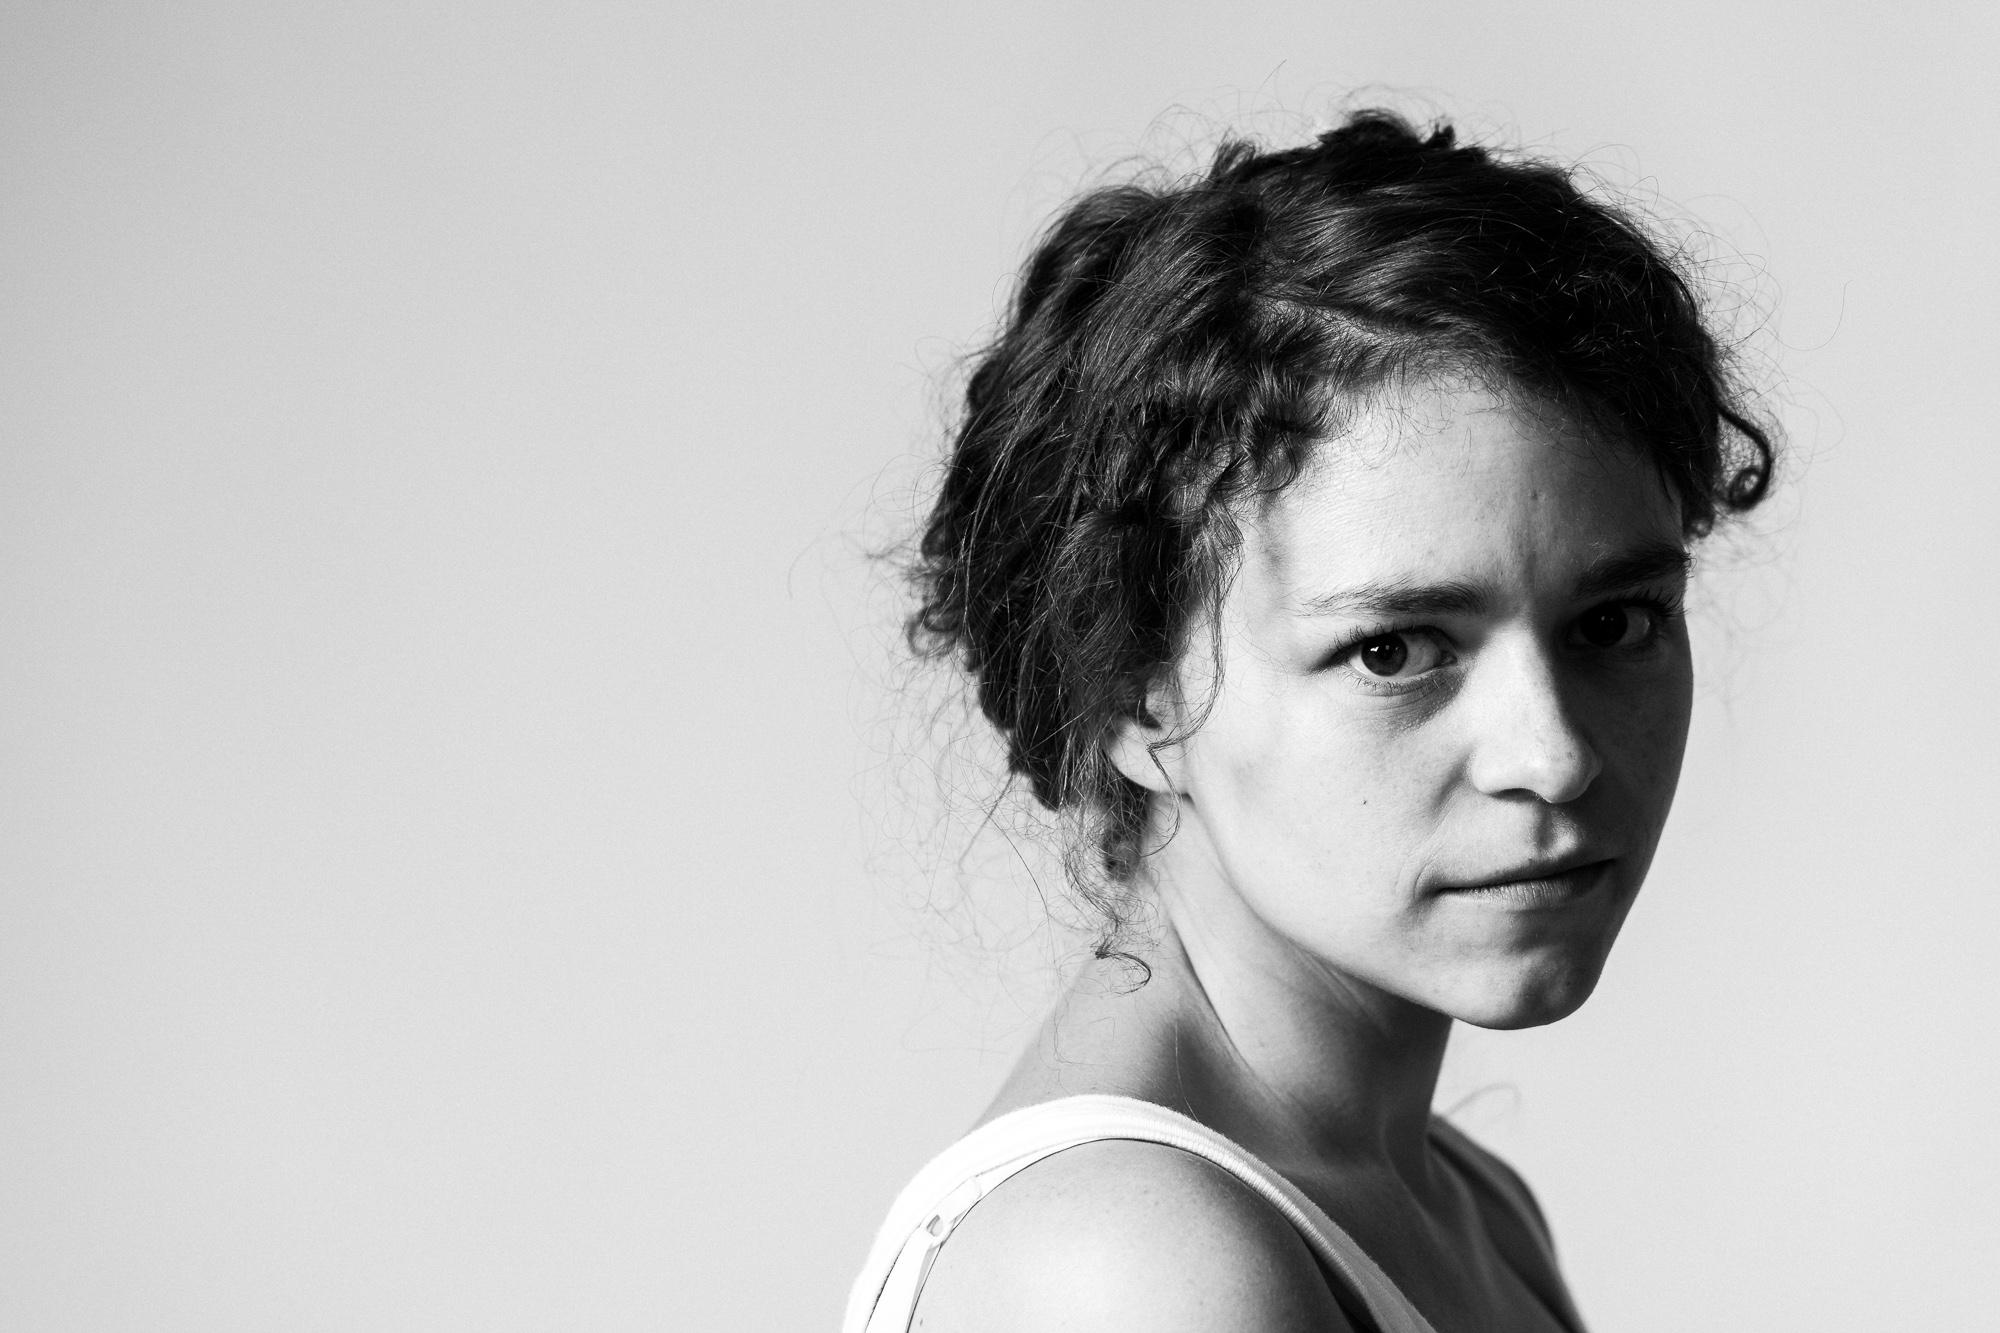 iso800-fotograaf-antwerpen-headshots-stefanie-portret-actrice-theater